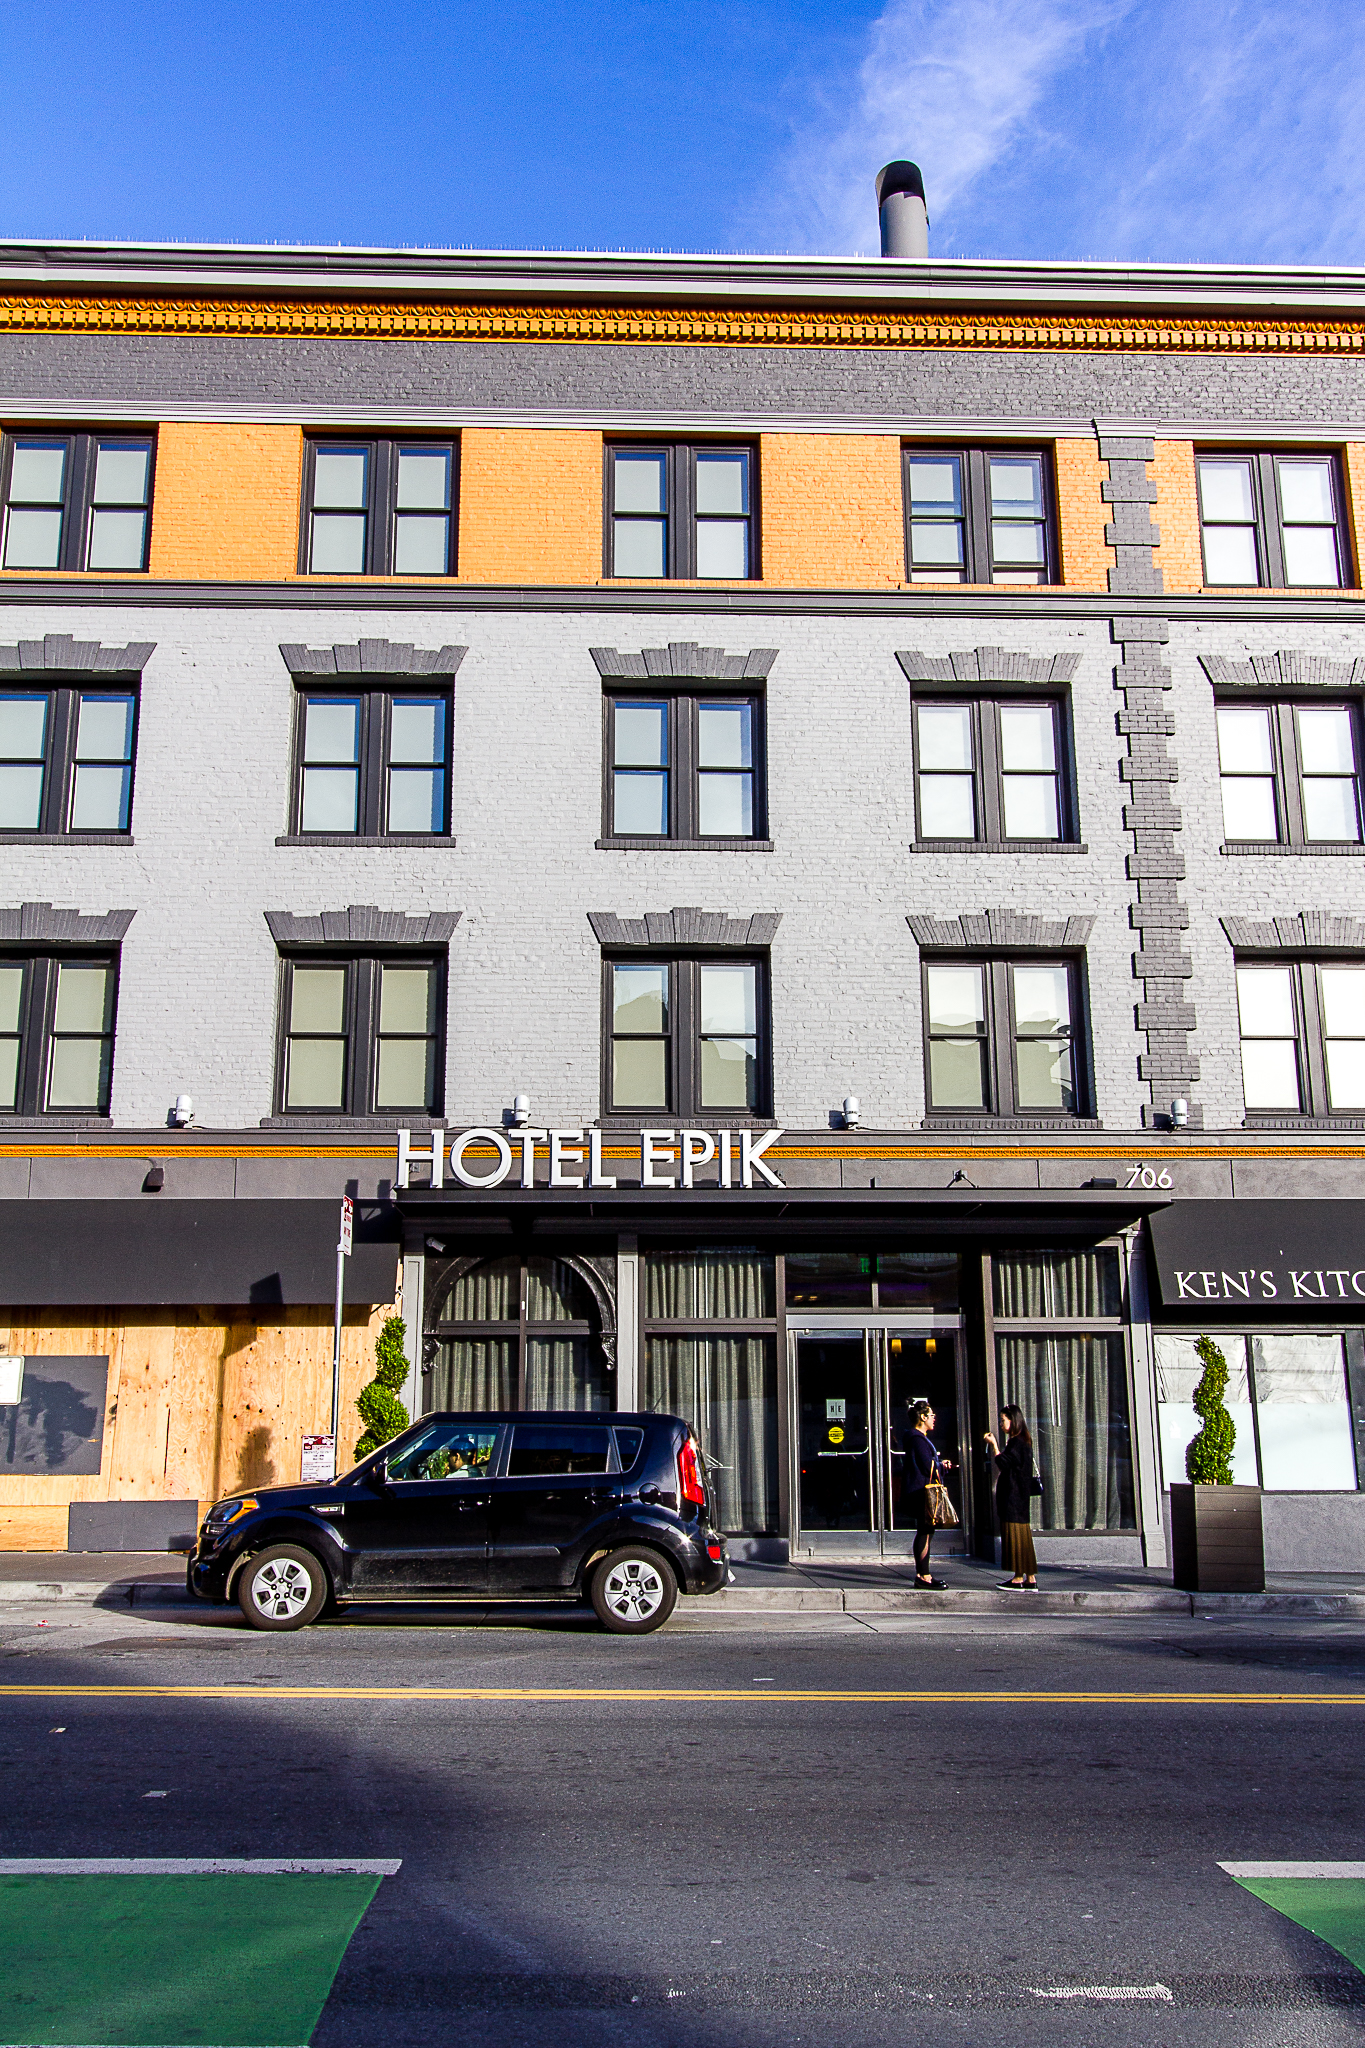 Dscheme_Hotel_Epik_010.jpg